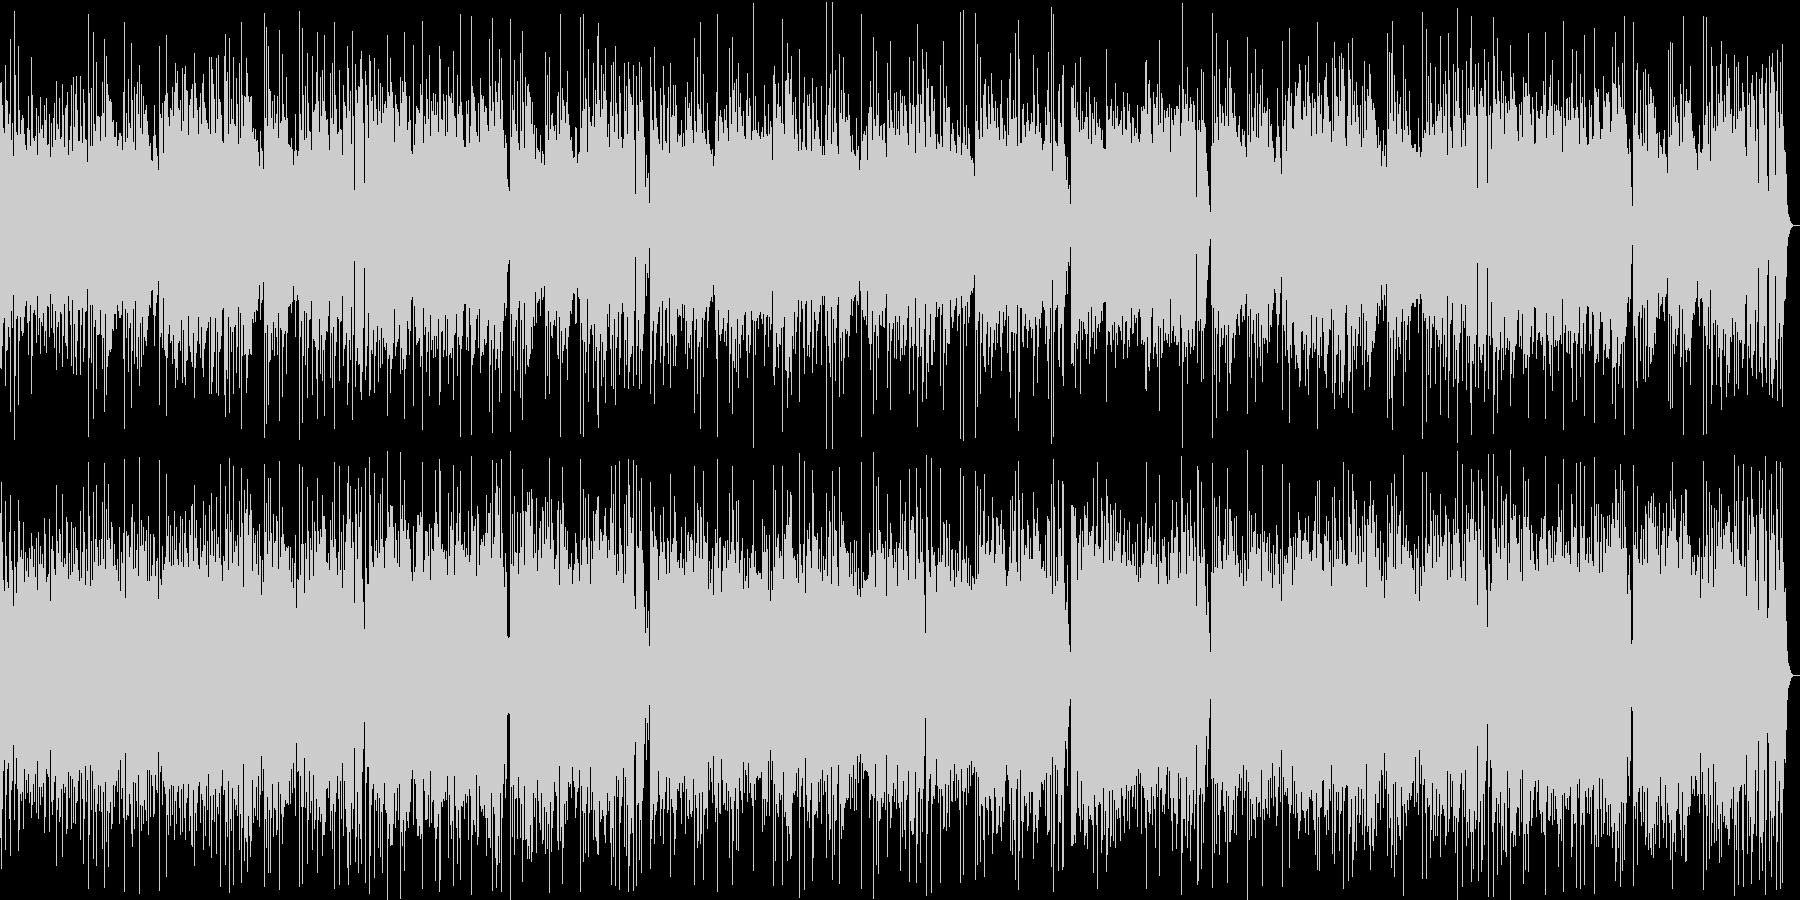 楽しげなギター・シンセサウンドの未再生の波形